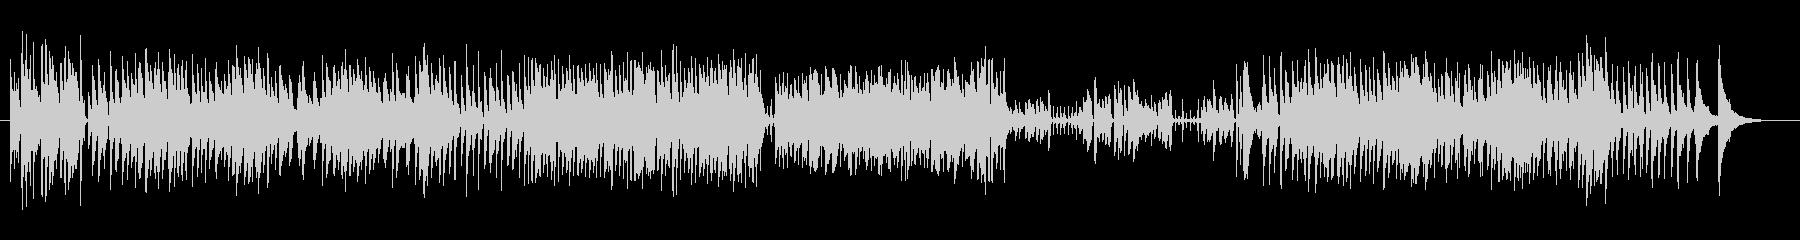 ピアノトリオ風ジャズアレンジの未再生の波形